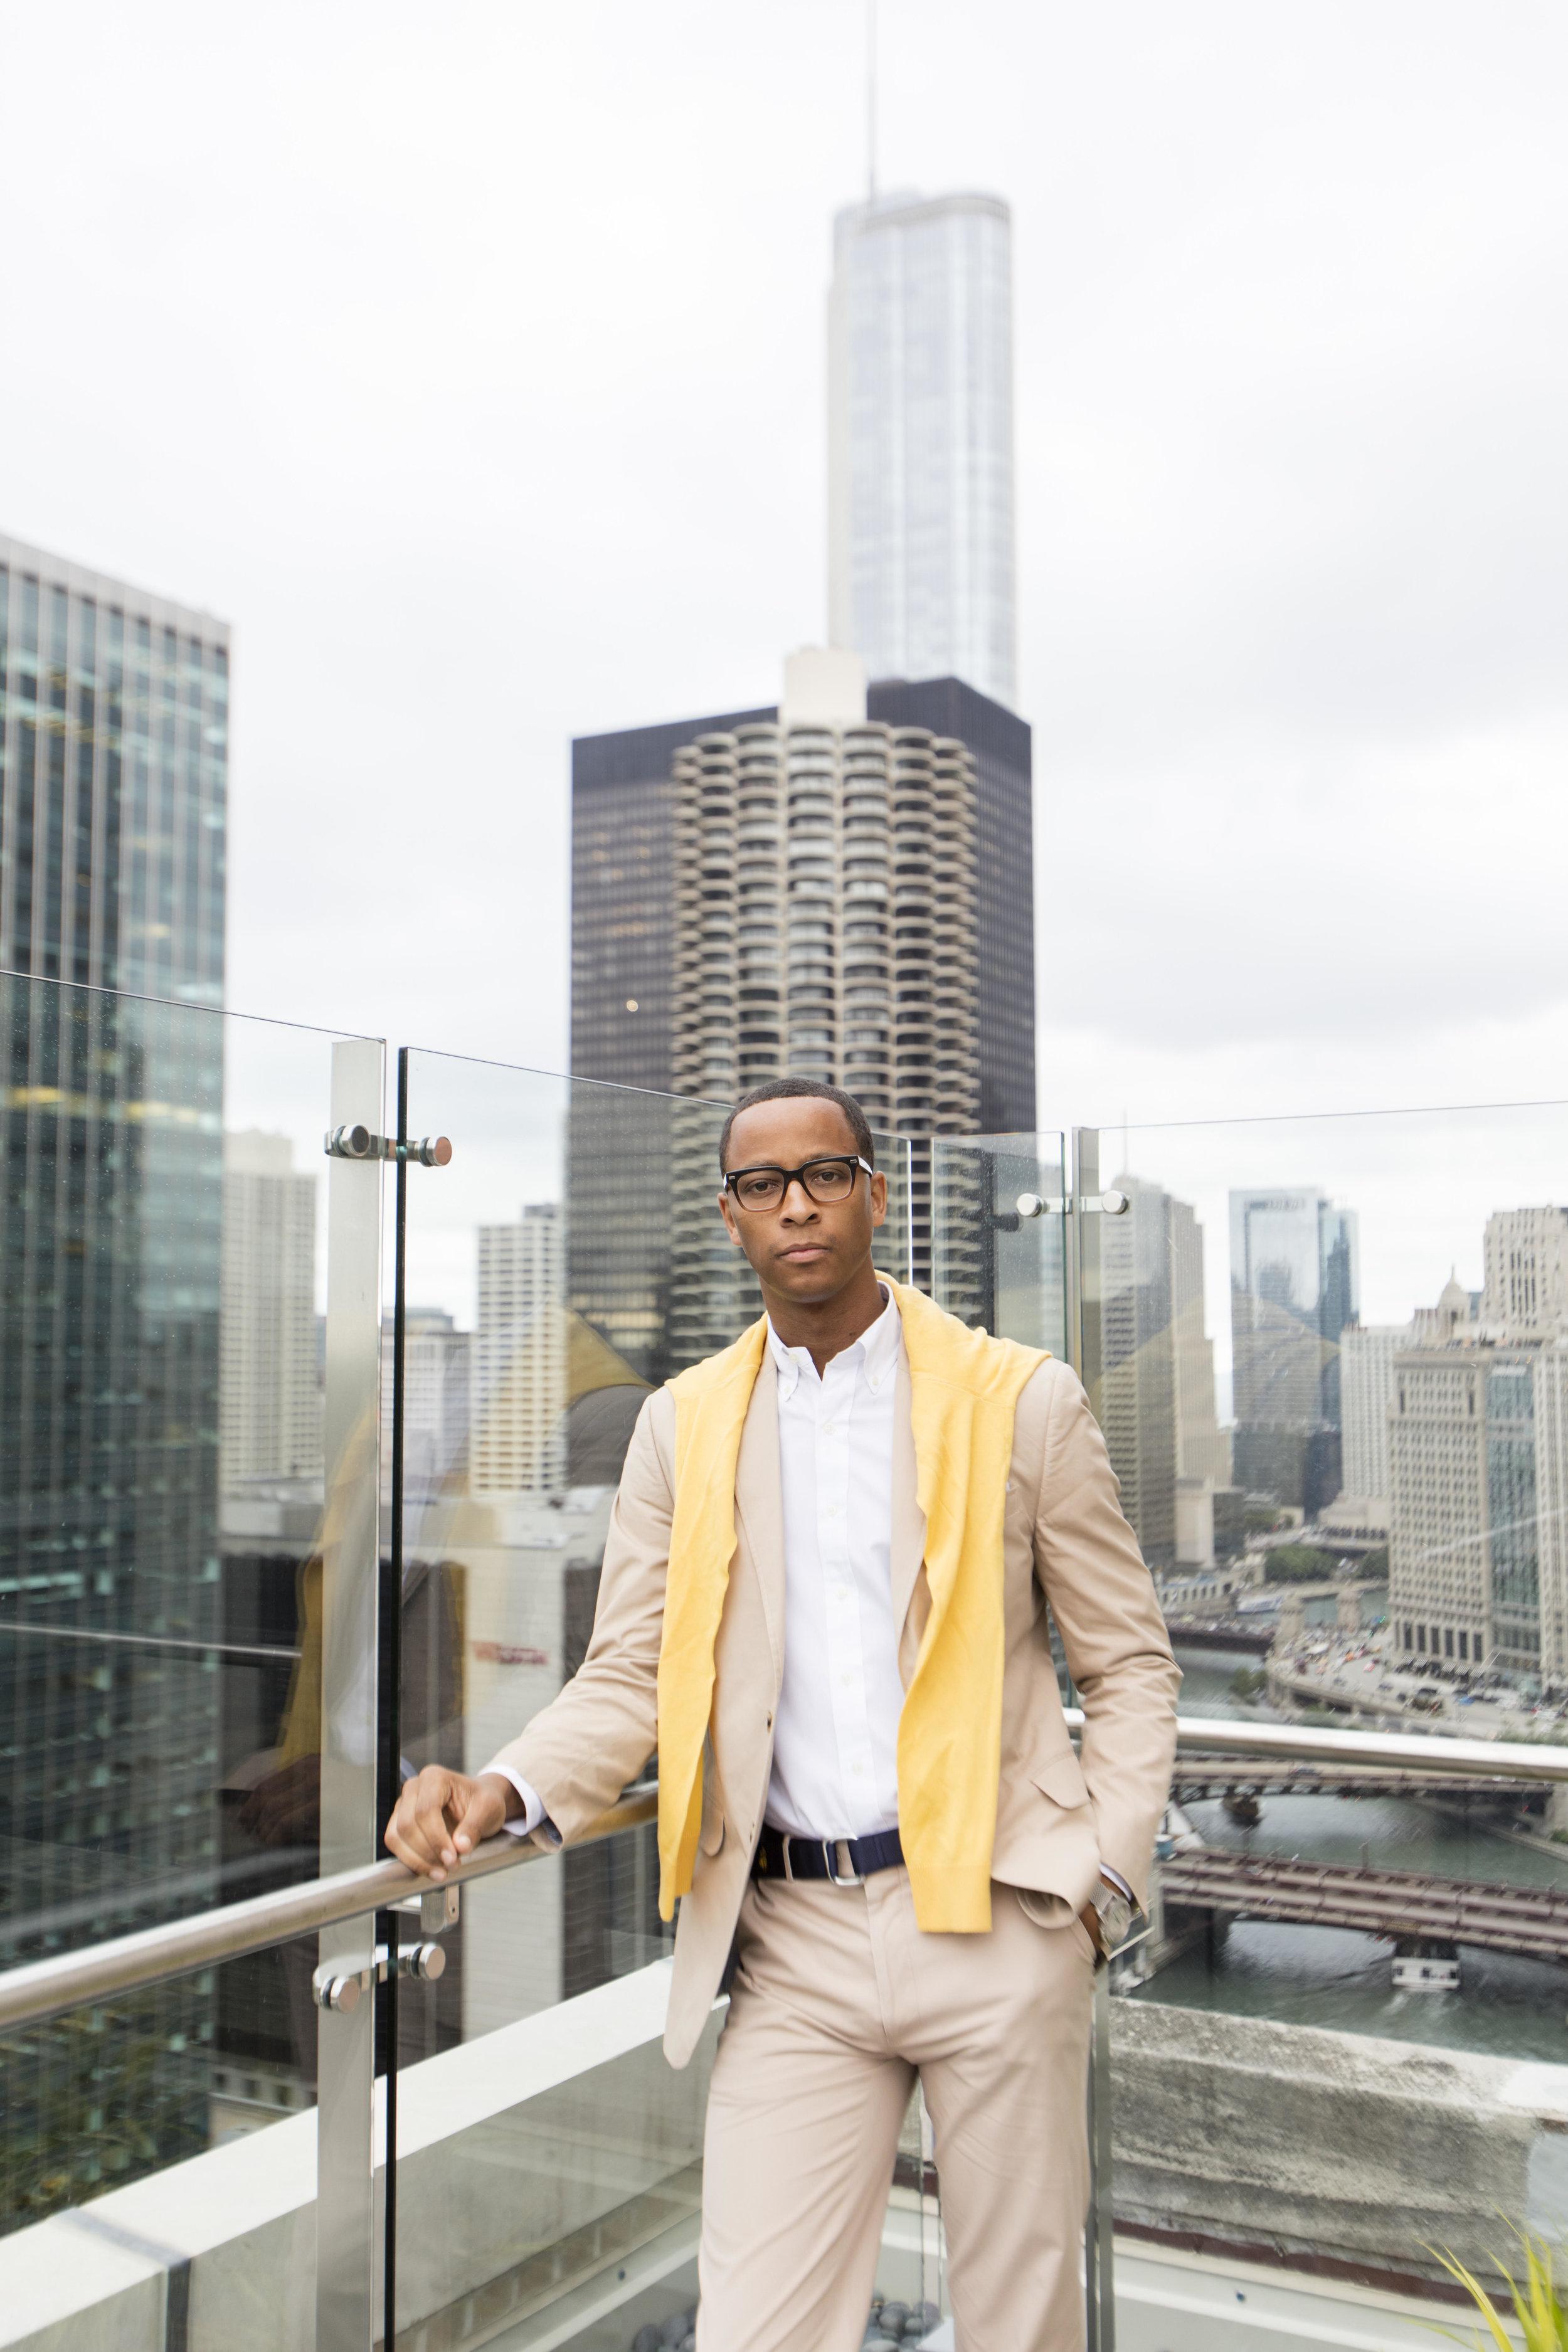 Chicago Headshot 3.jpg